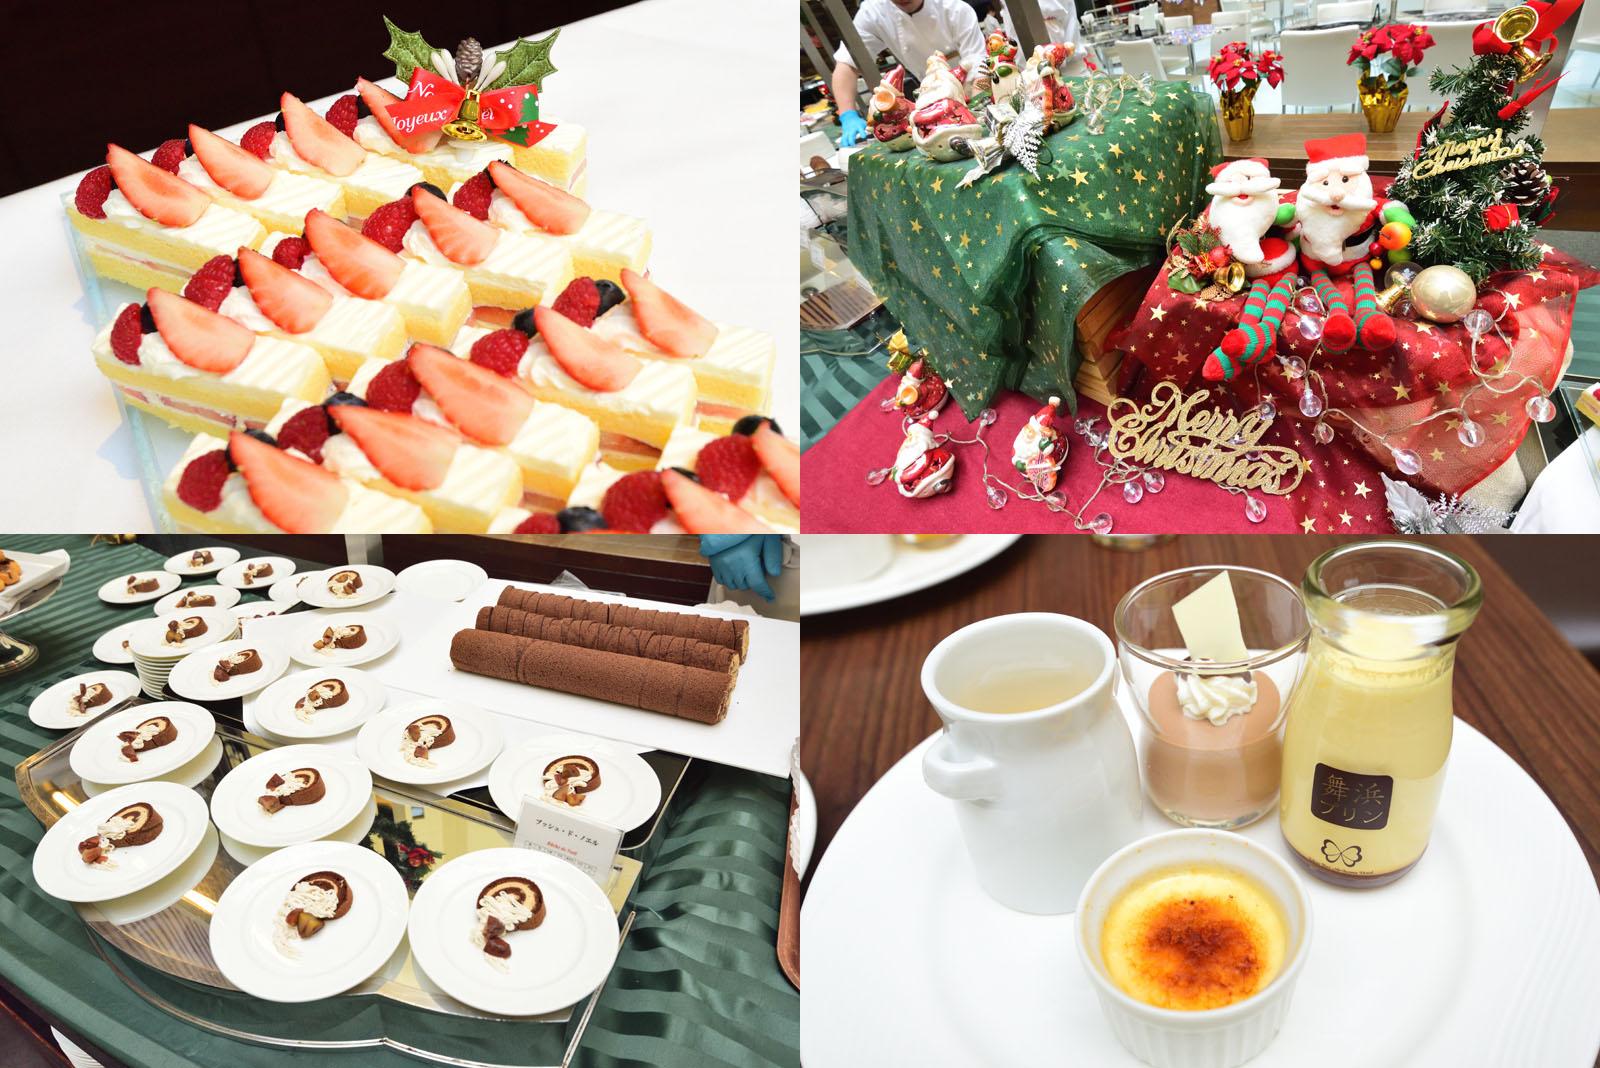 東京ベイ舞浜ホテル クリスマススイーツブッフェ